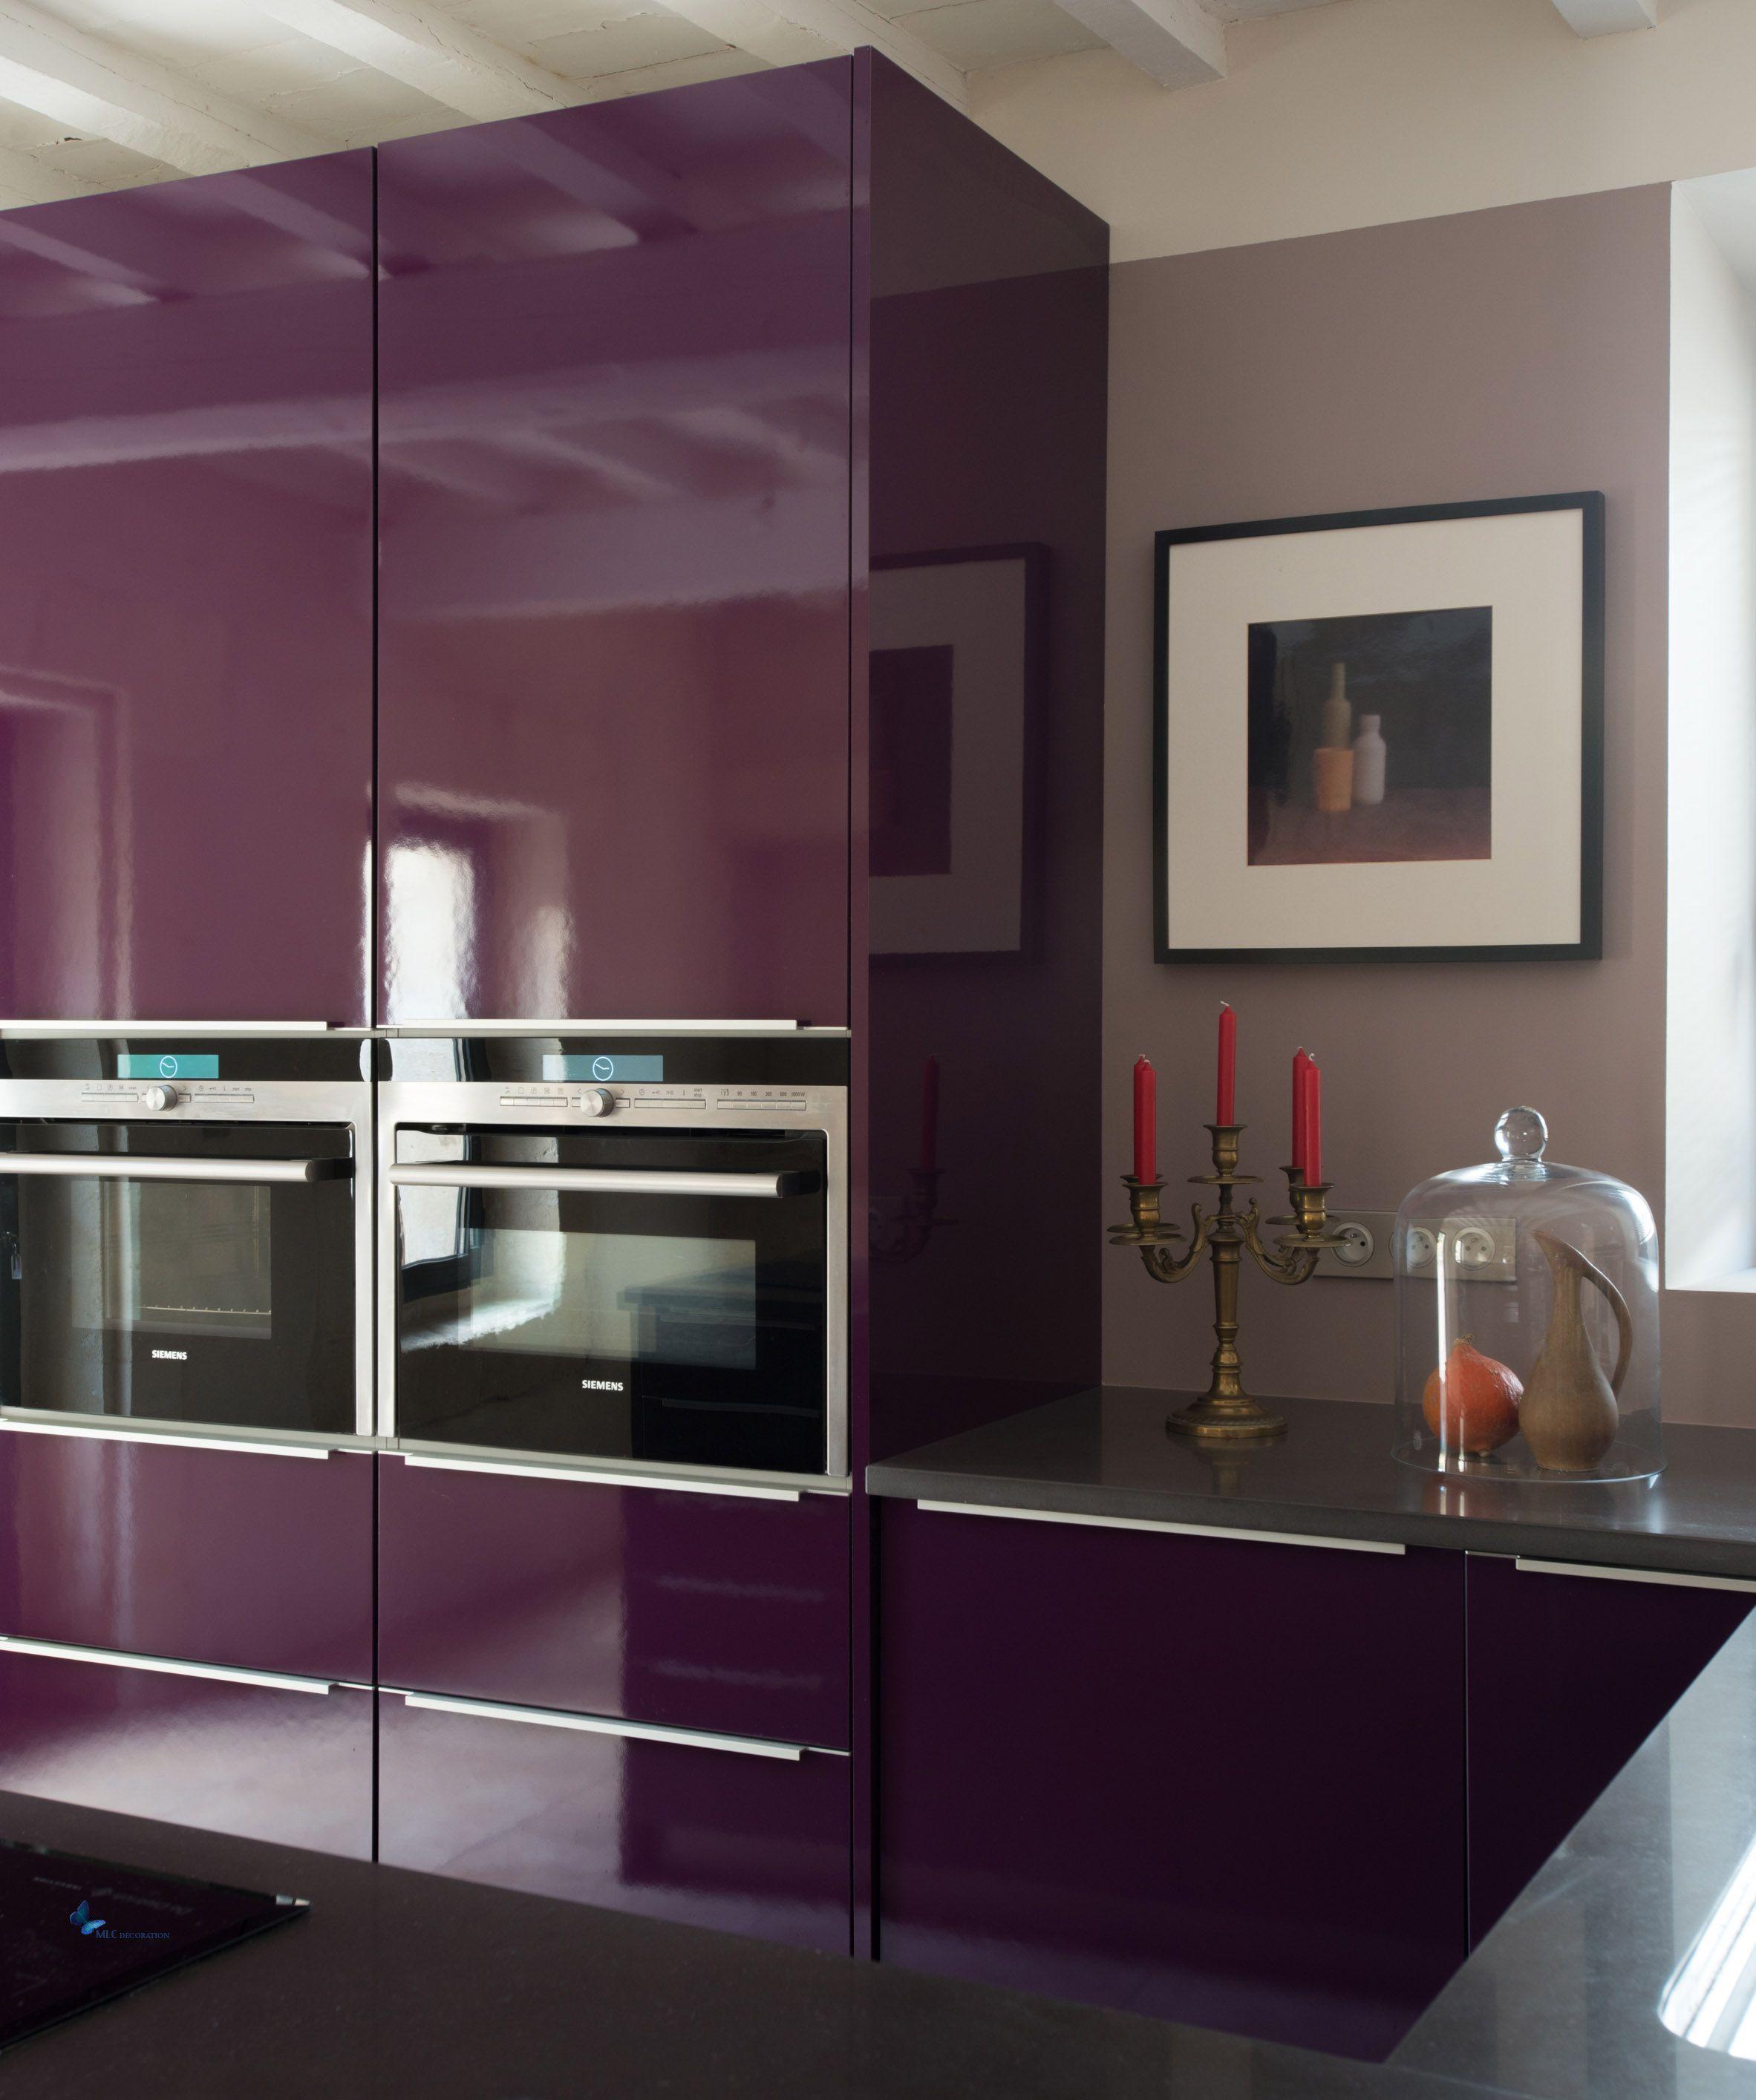 Des jolies couleurs pour la cuisine : grise, noire, aubergine